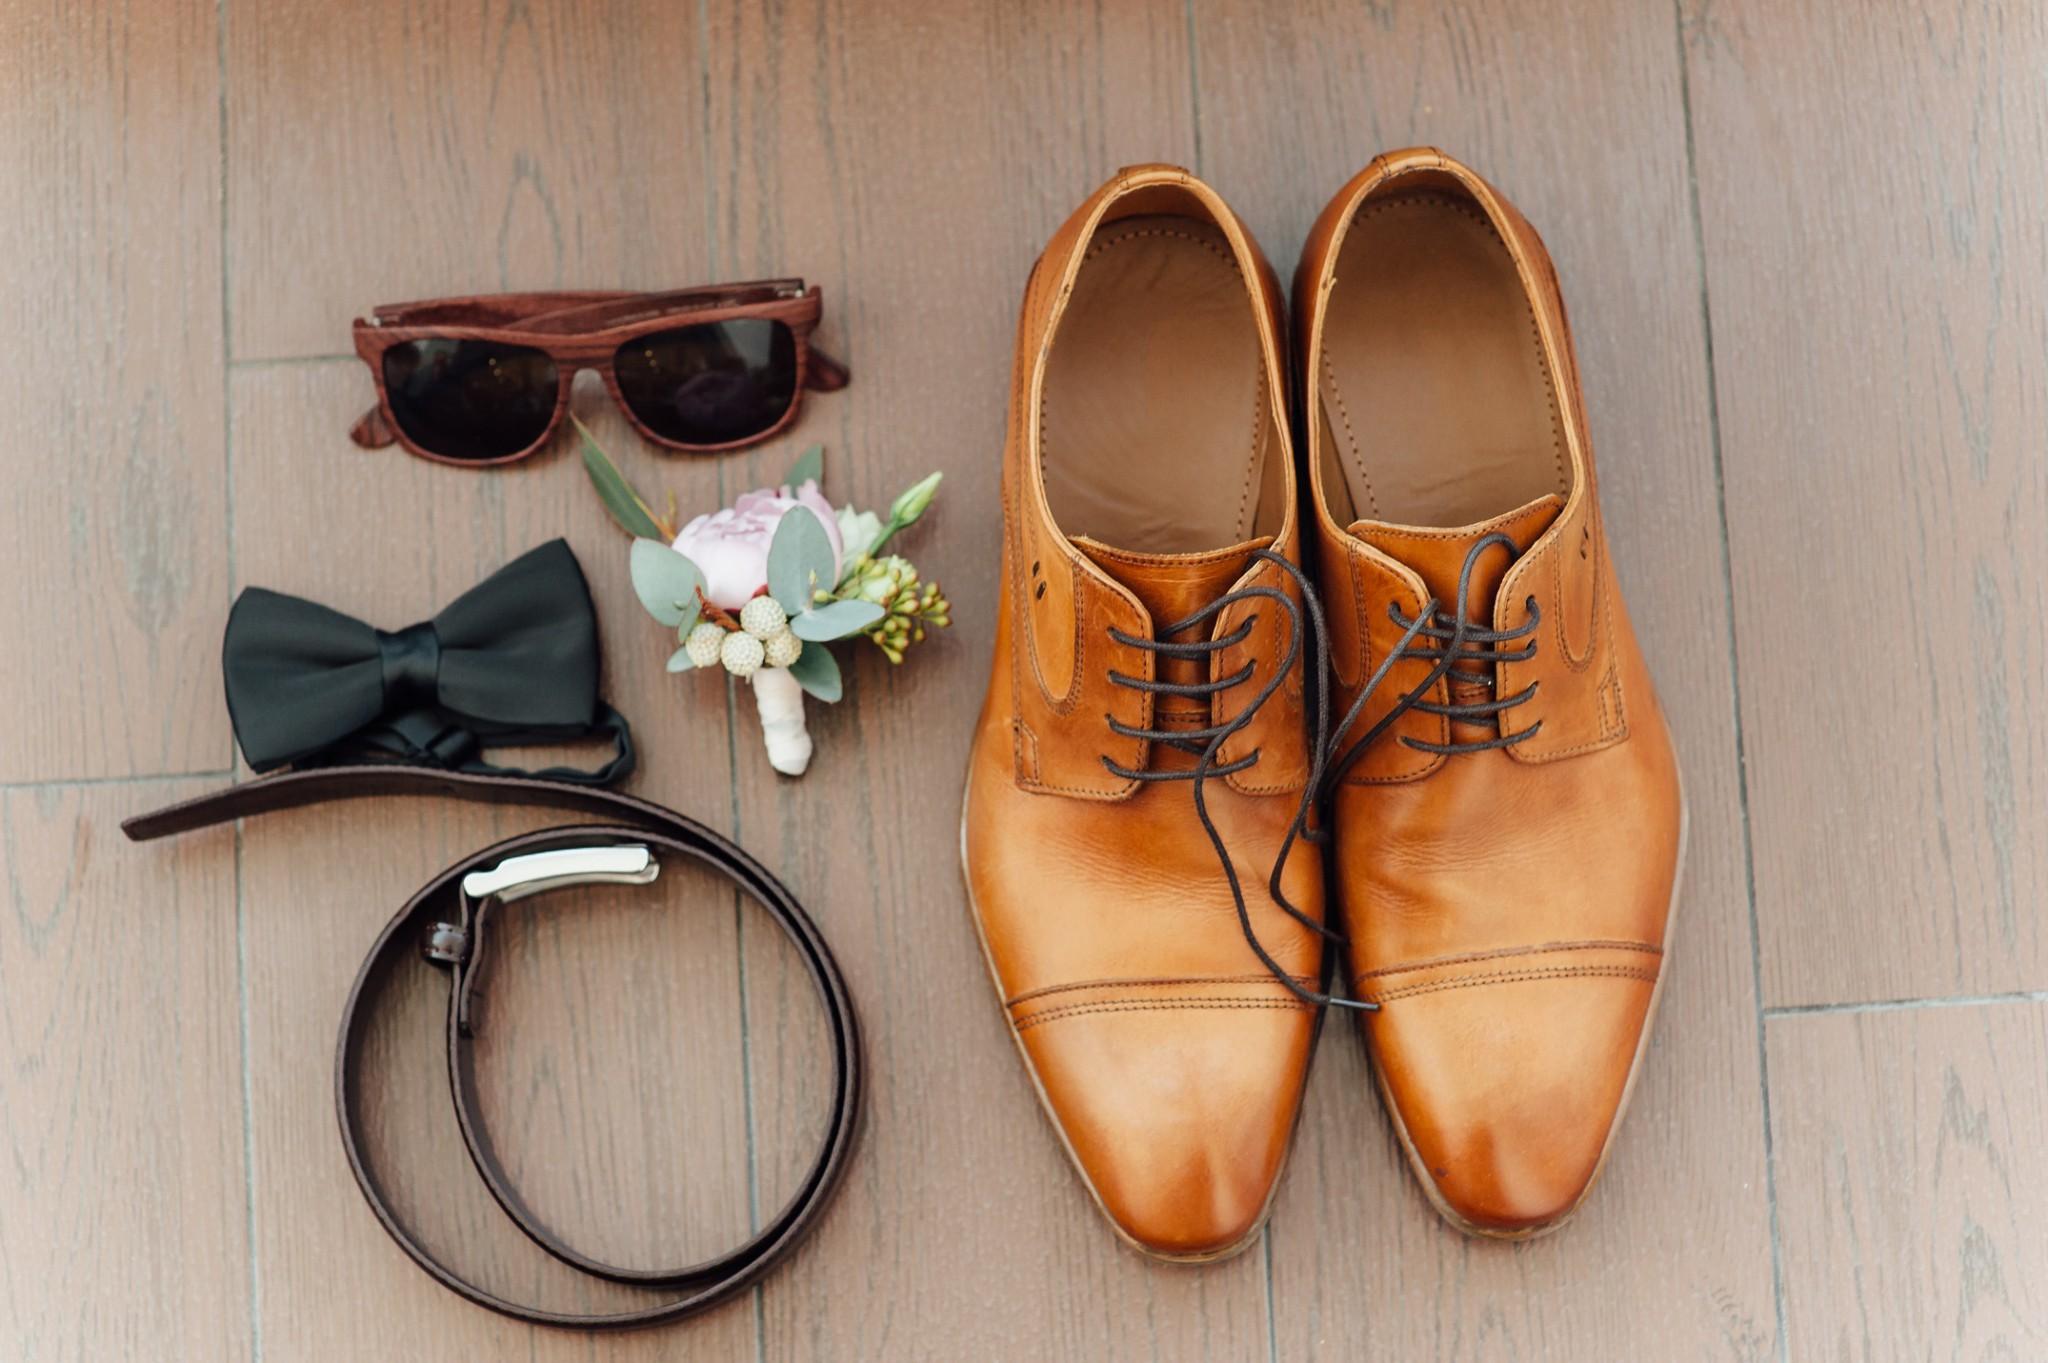 5e9f9329863b3 また、ブラックスーツに合わせて着用するワイシャツやネクタイなどの小物にも、マナーはいくつか存在します。